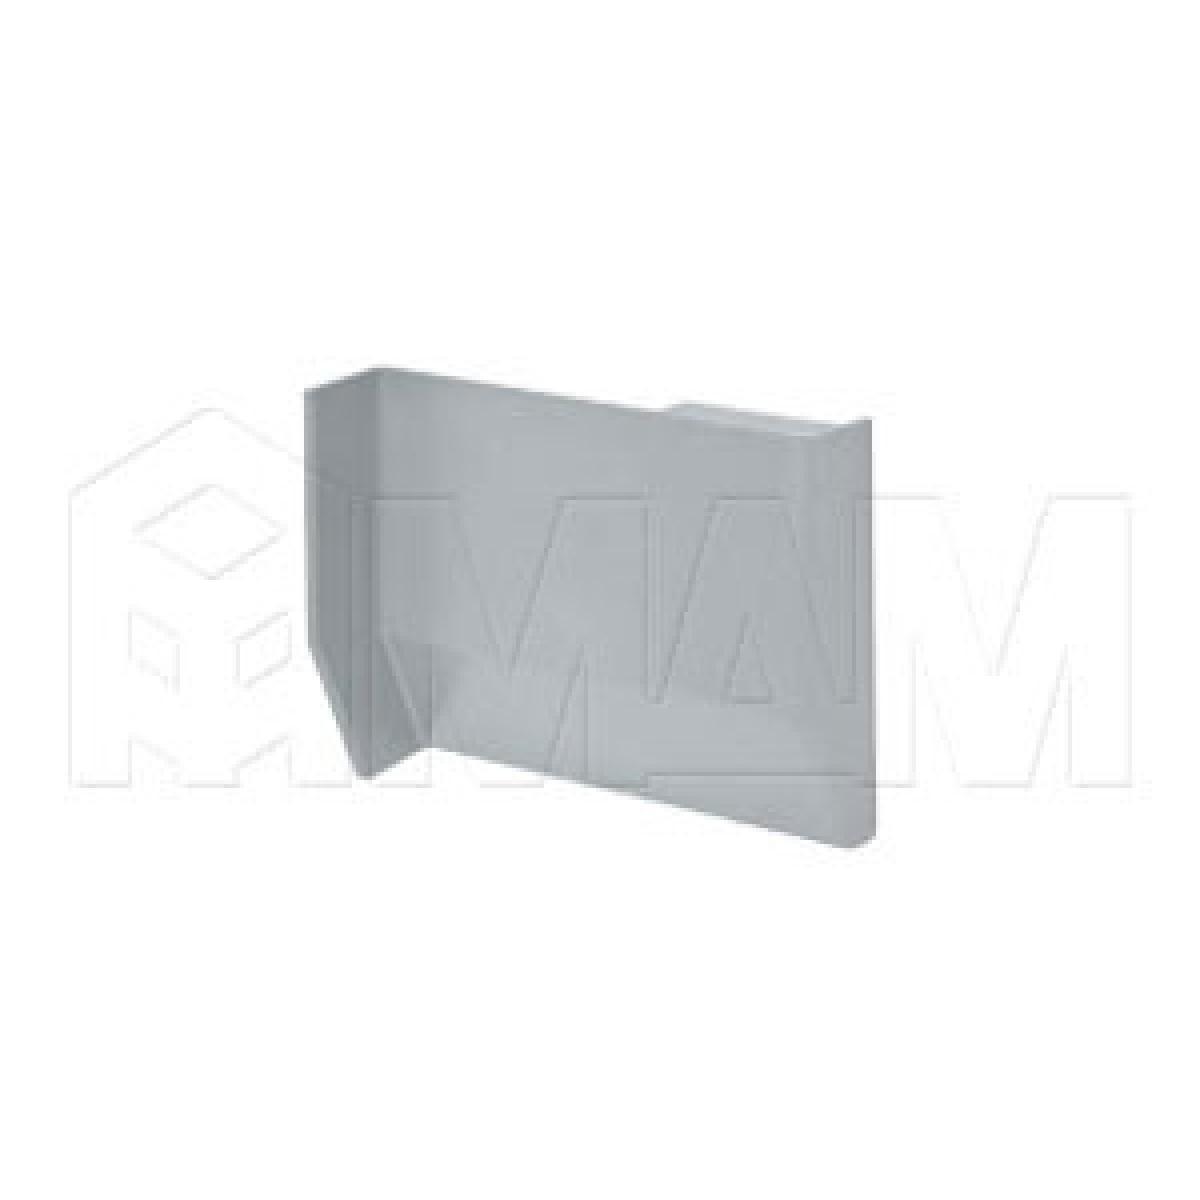 801 Заглушка для мебельного навеса, пластик, серая, левая